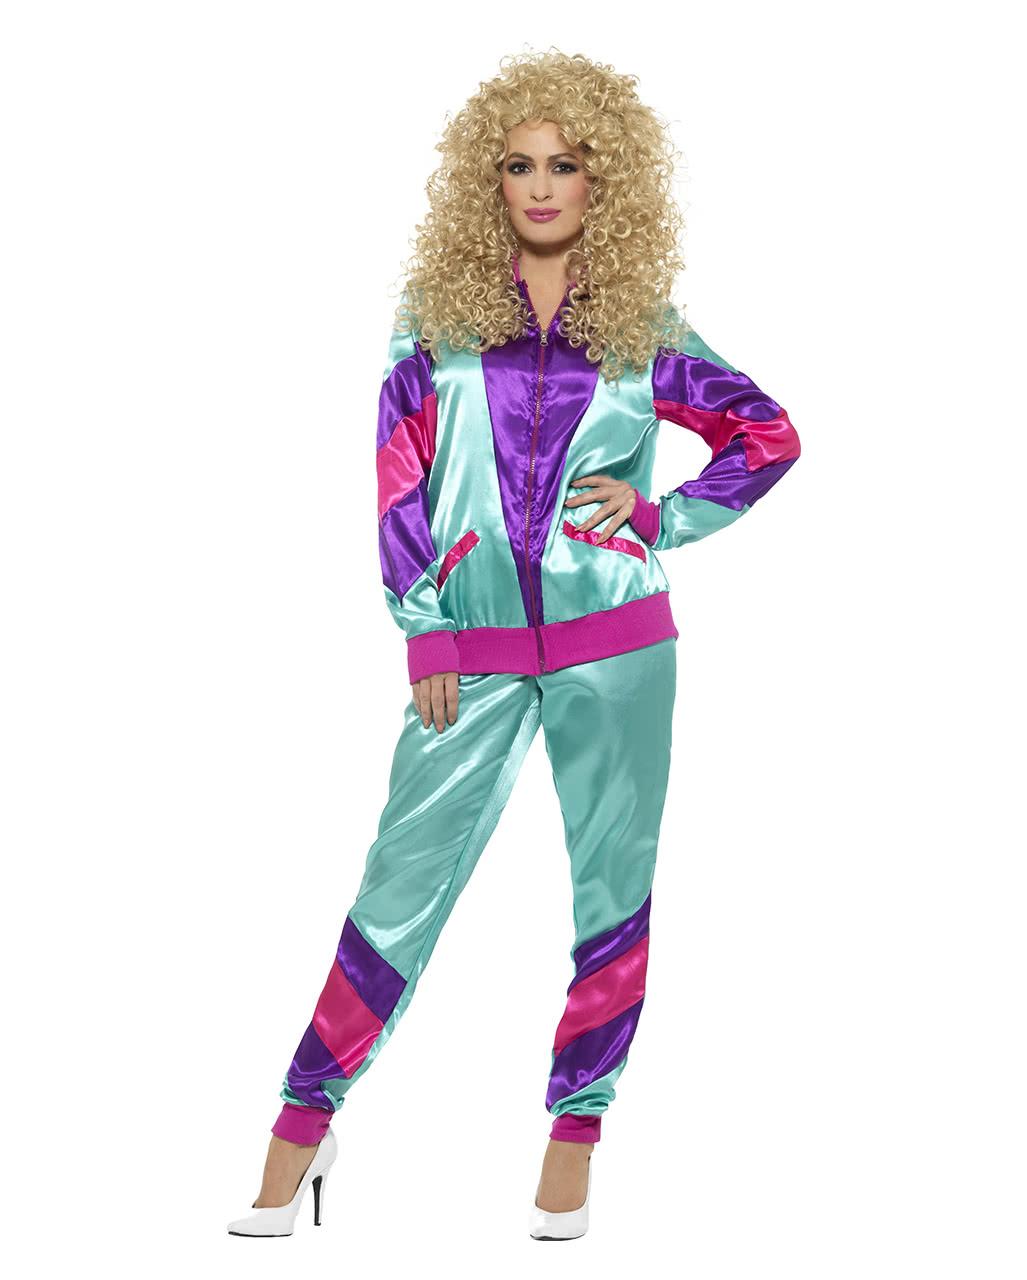 80s Jogging Suit Costume Bad Button Horror Shop Com